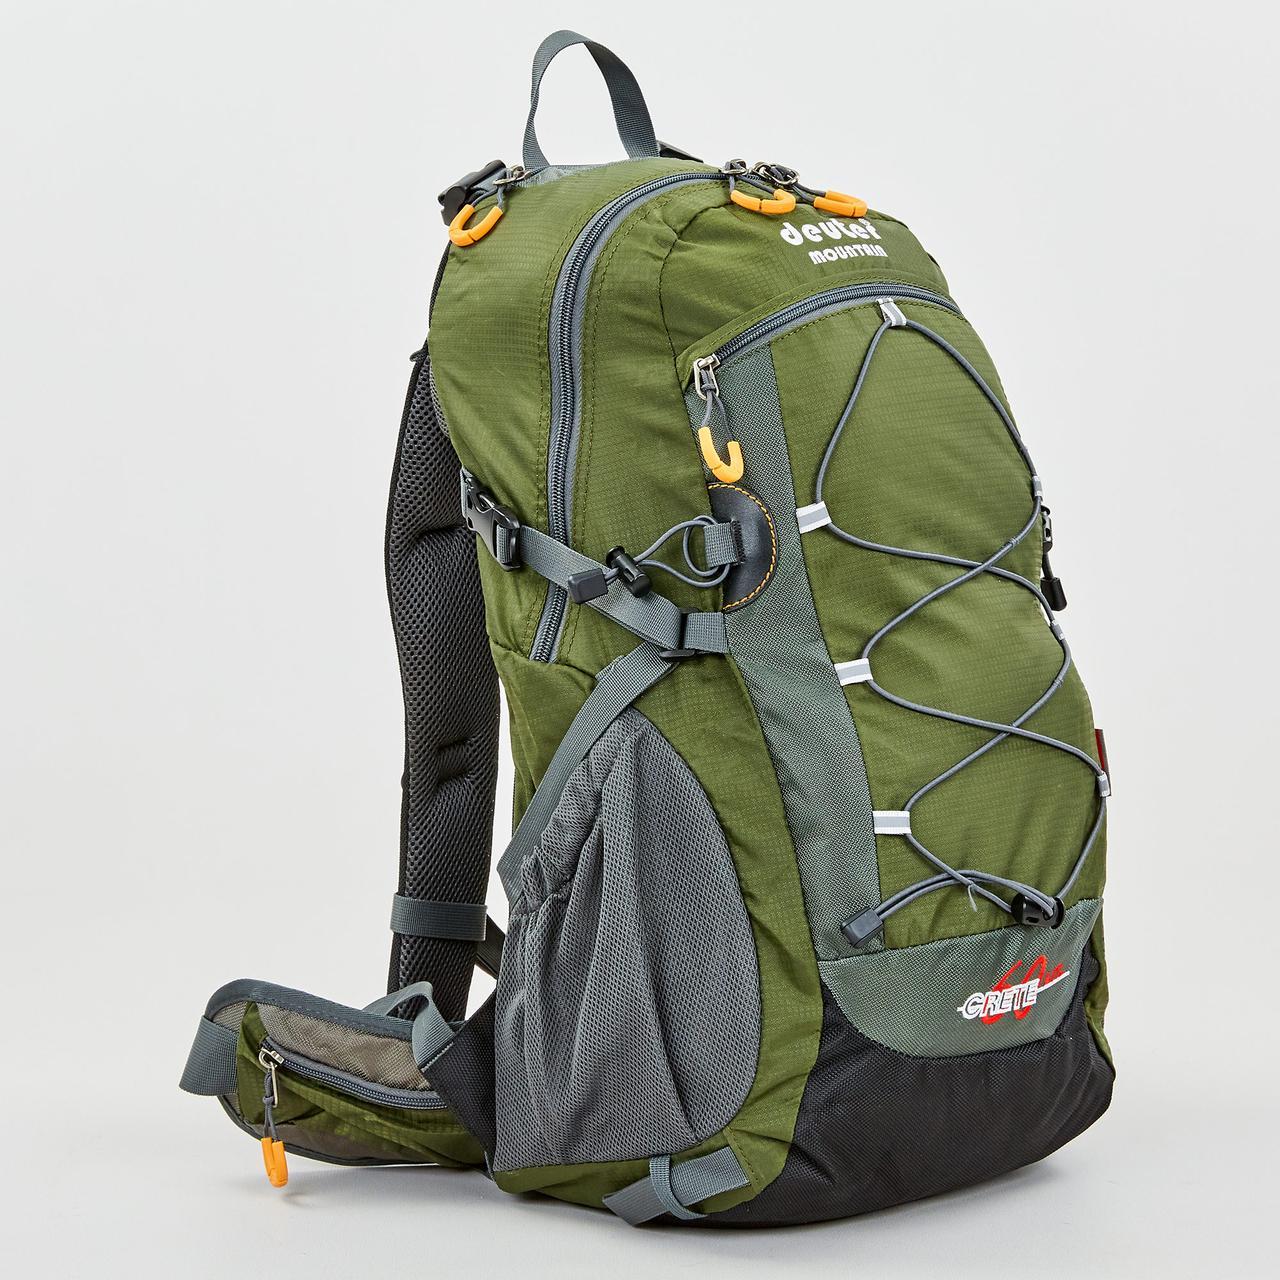 Рюкзак спортивный с каркасной спинкой DTR V-60л 8810-6 (нейлон, р-р 49х29х24см, цвета в ассортименте) - фото 1